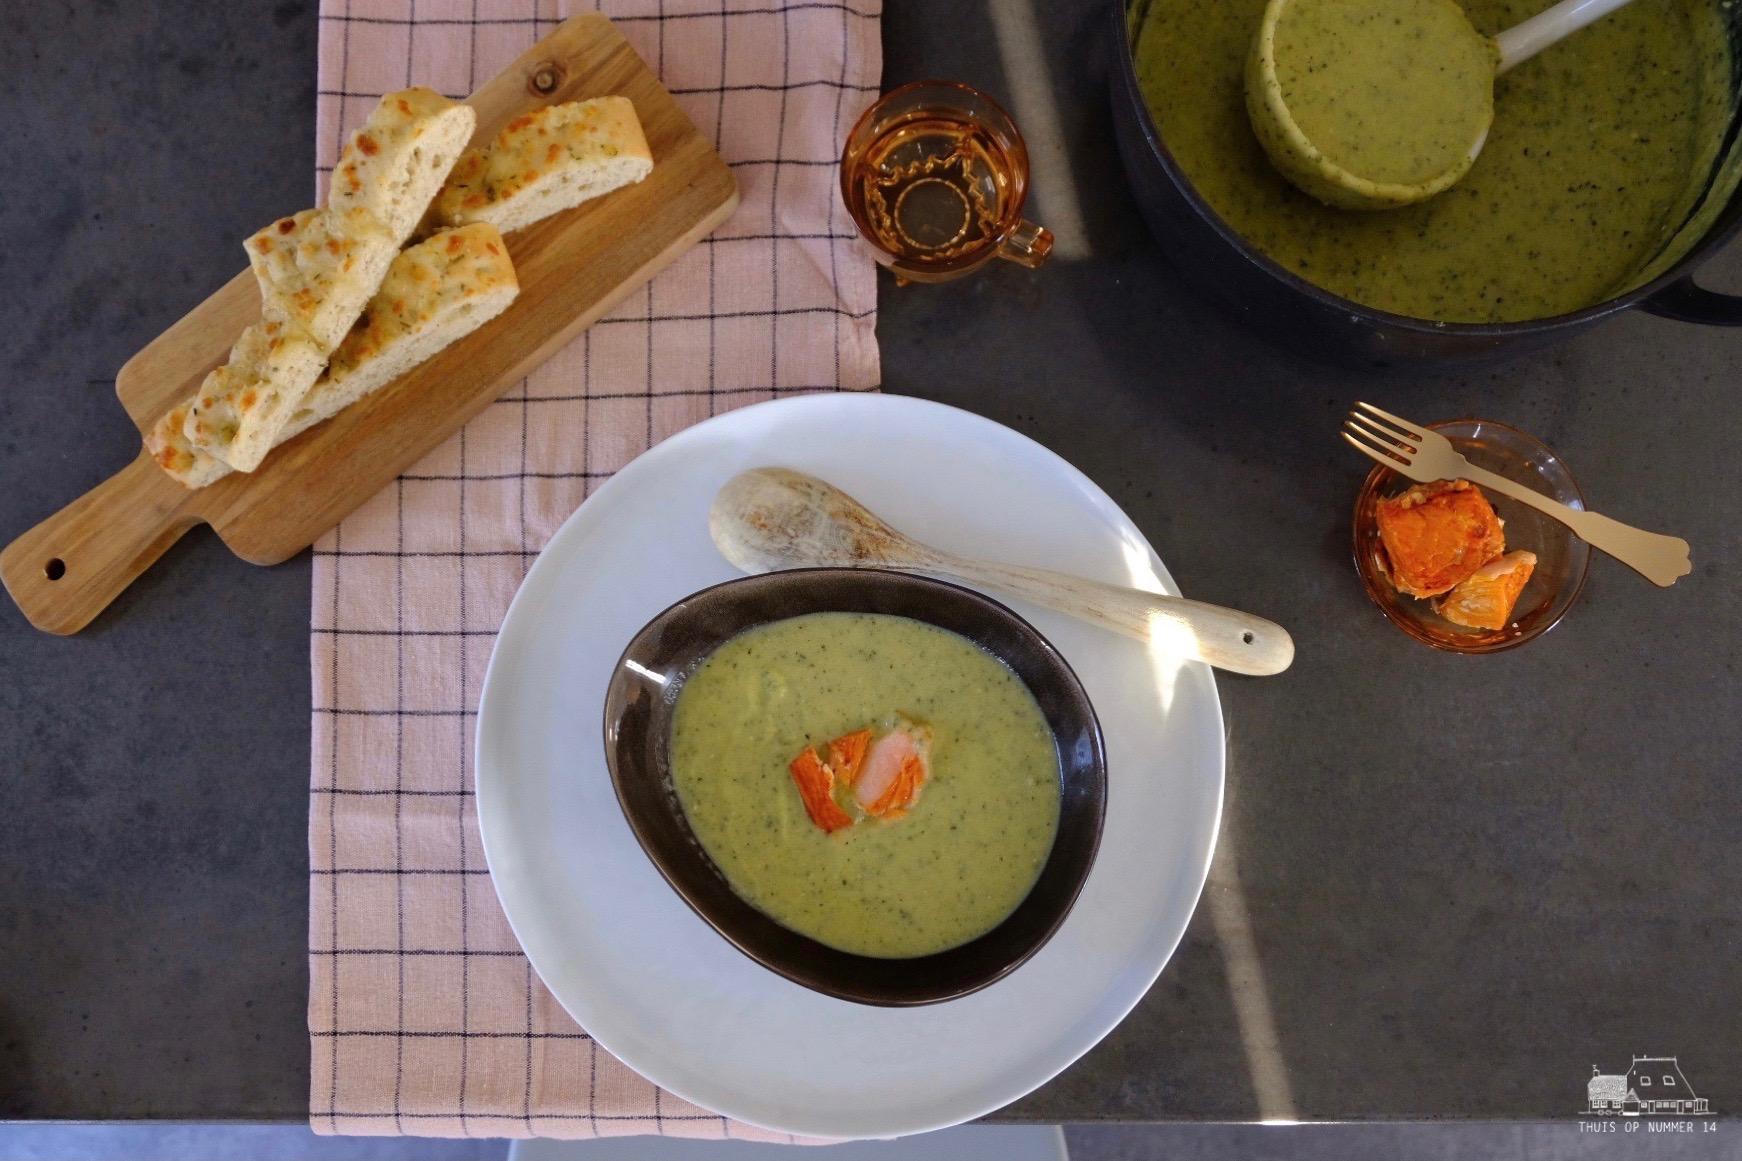 Courgettesoep met kruidenroomkaas.